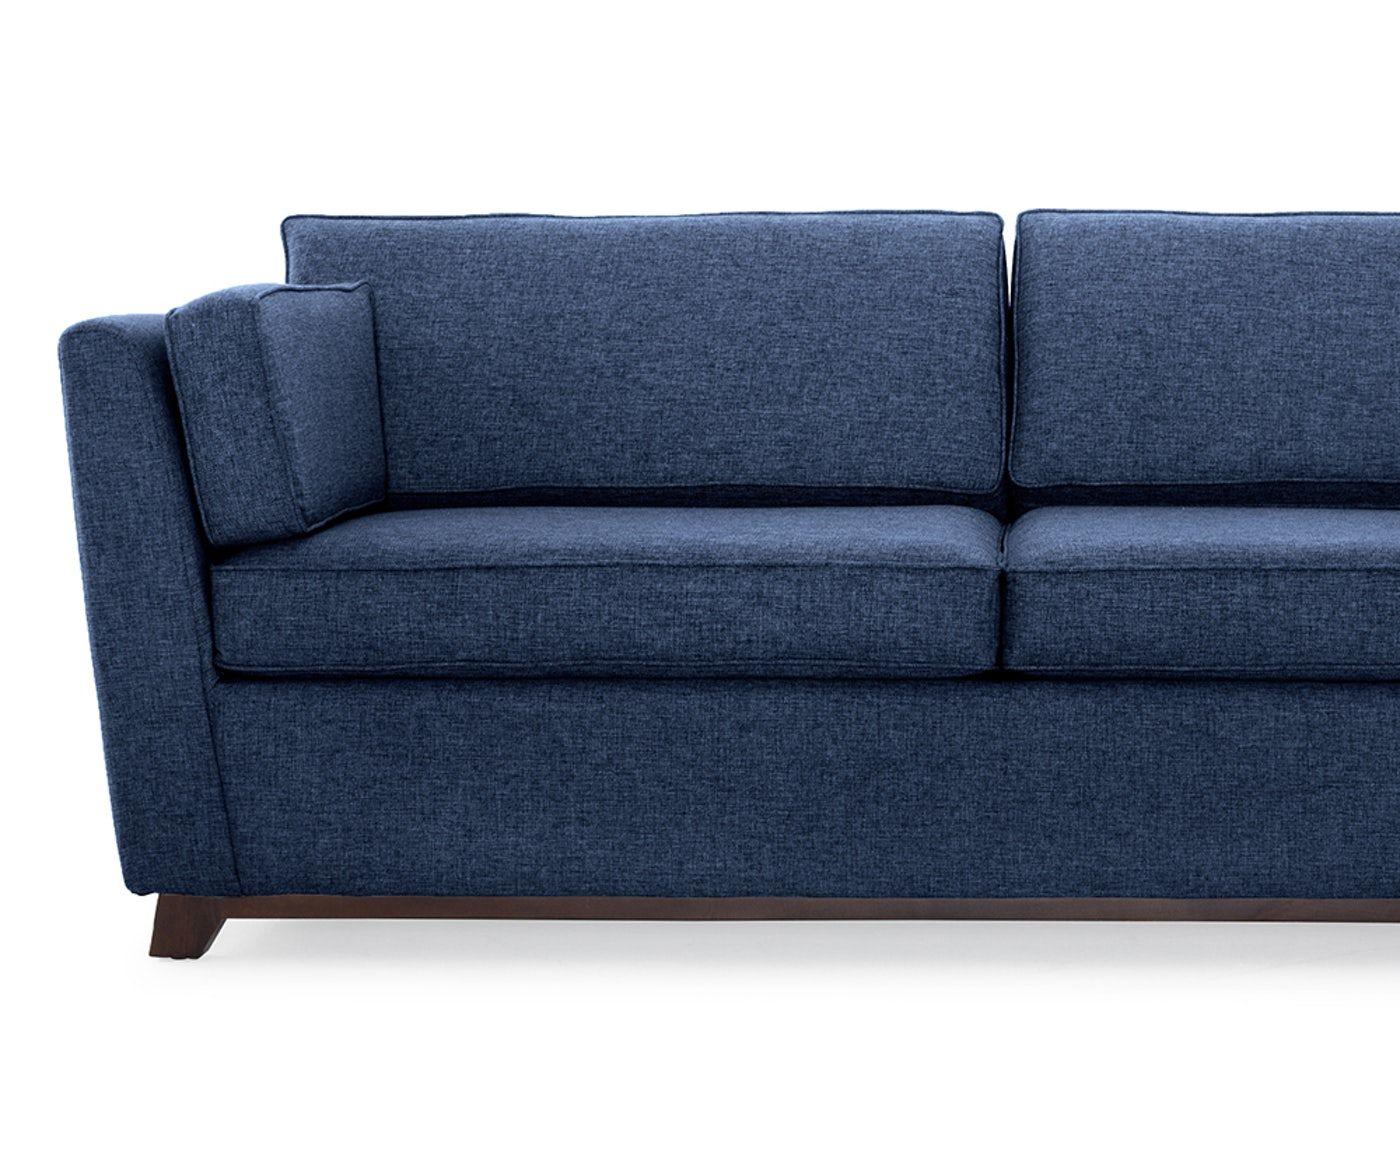 Roller Sleeper Sofa Joybird Sleeper sofa, Sofa